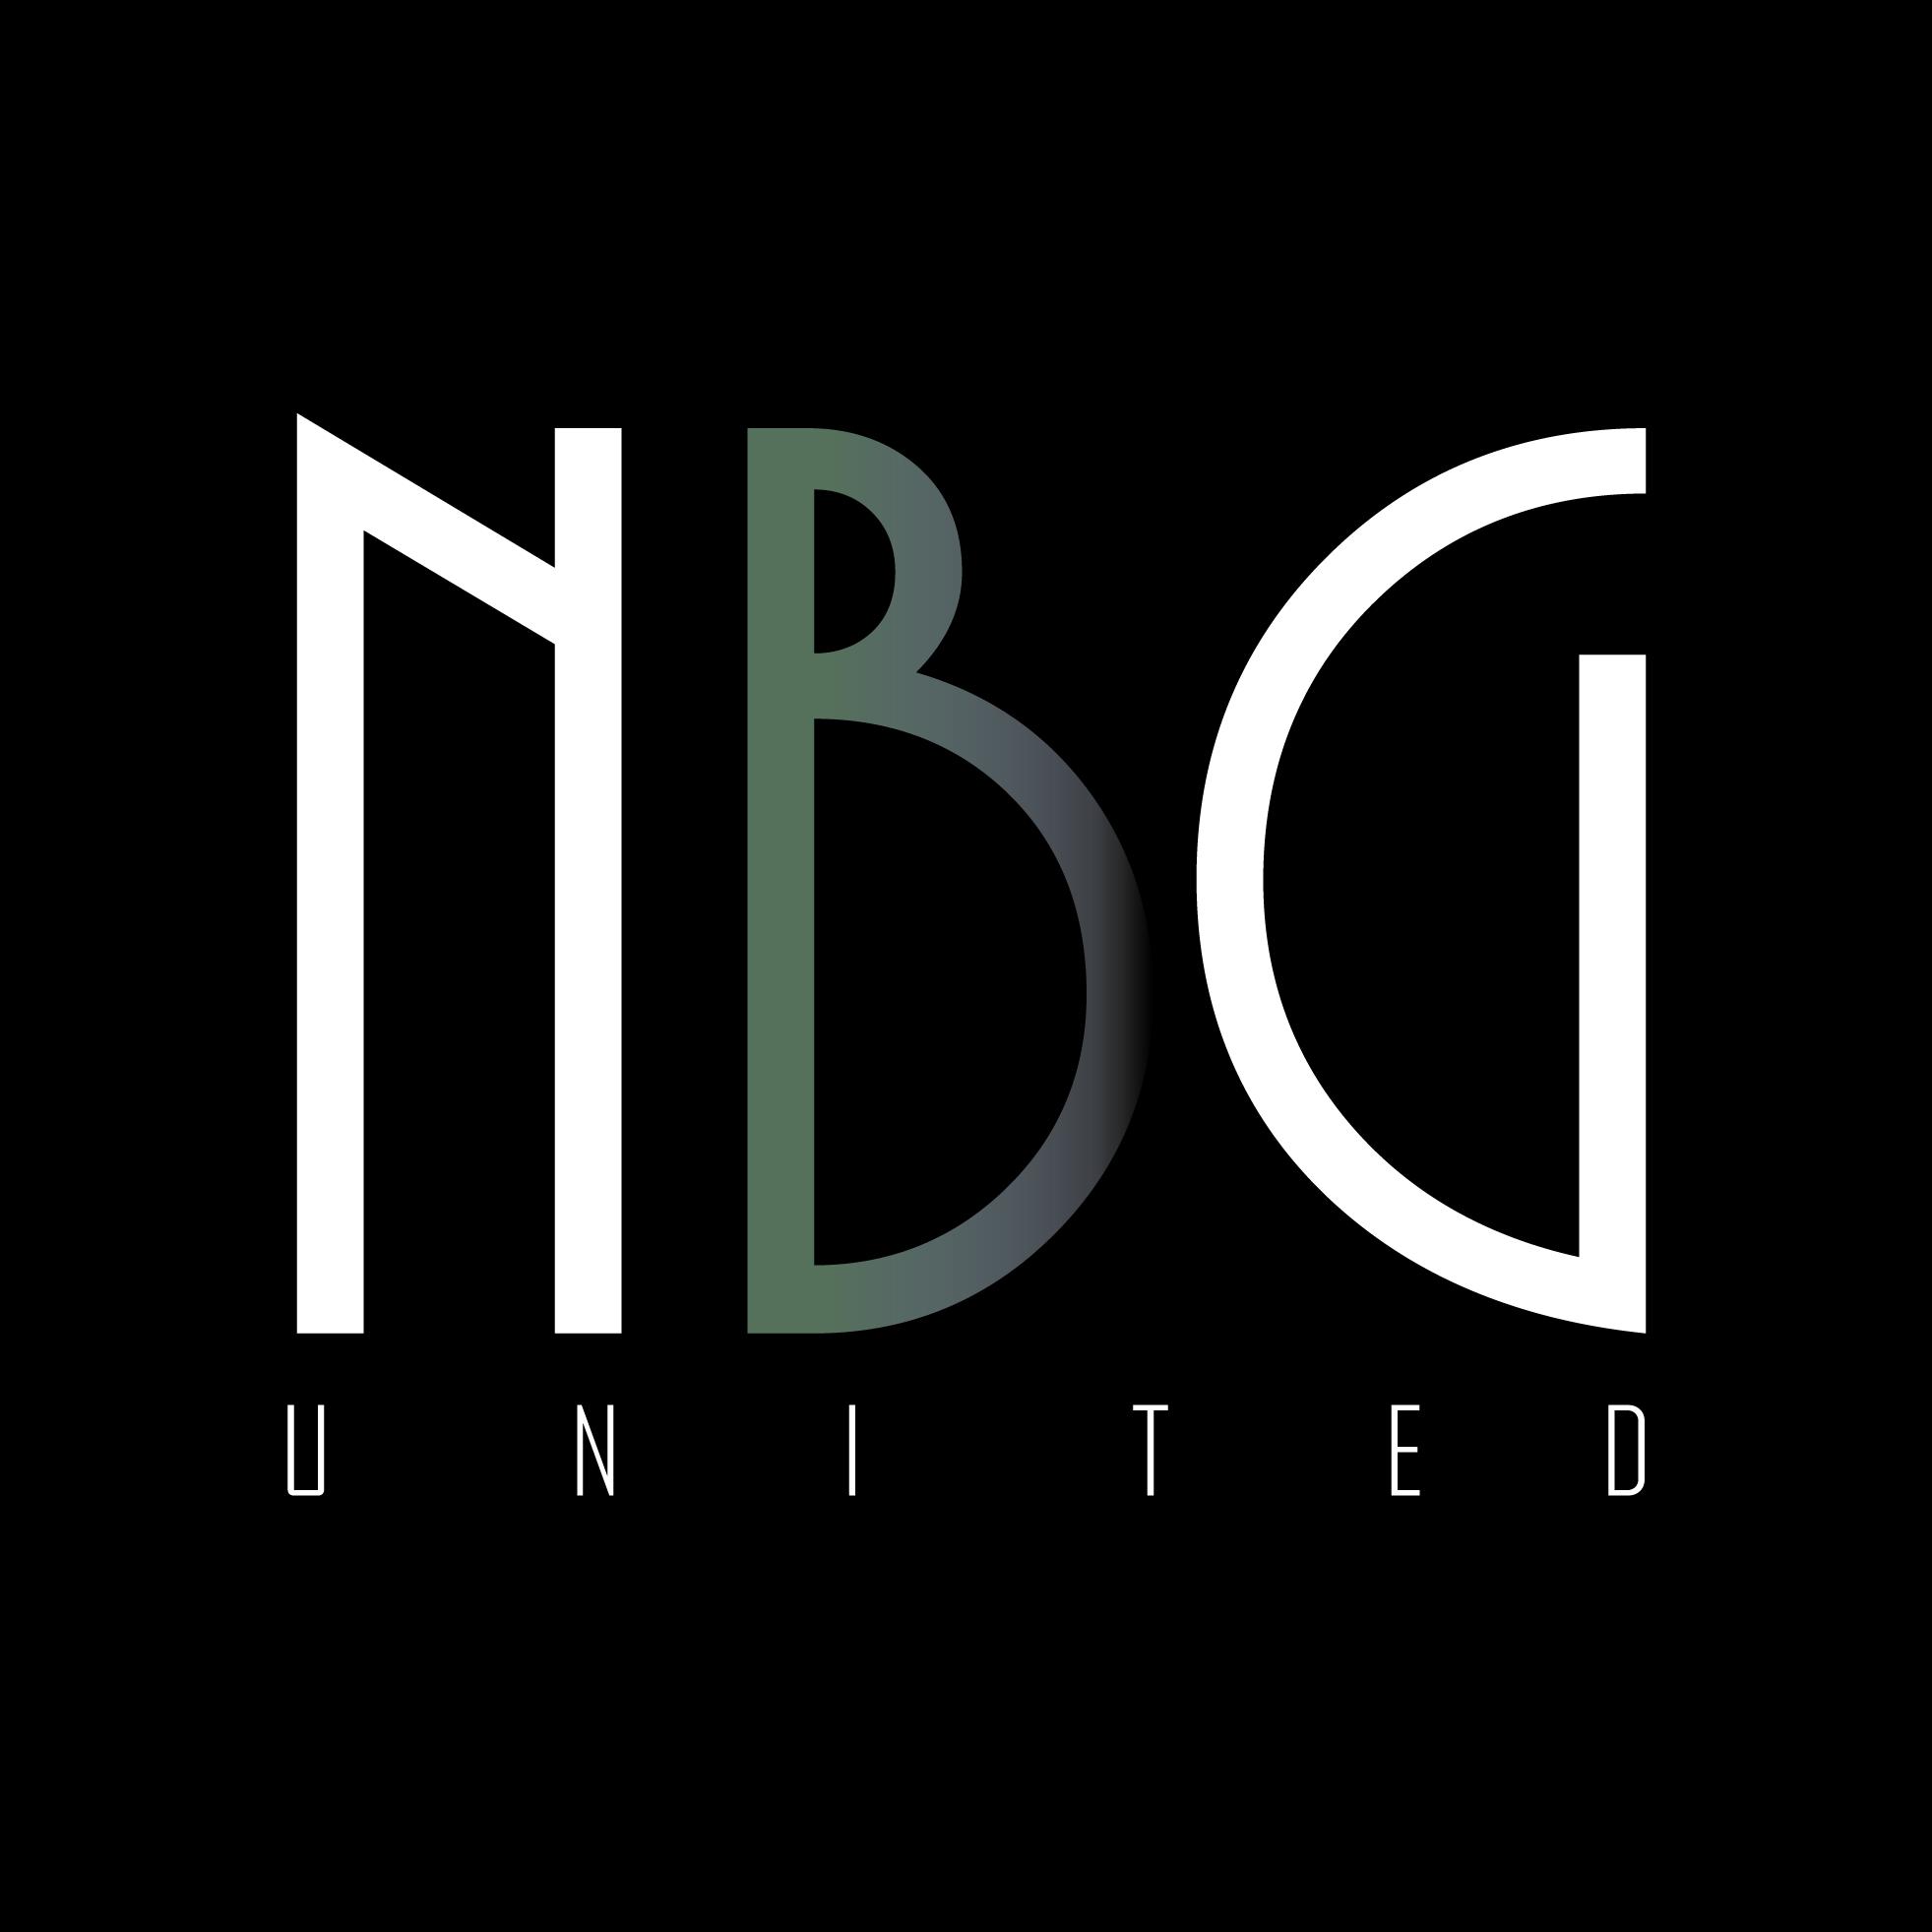 NBG UnitedFinal2.png